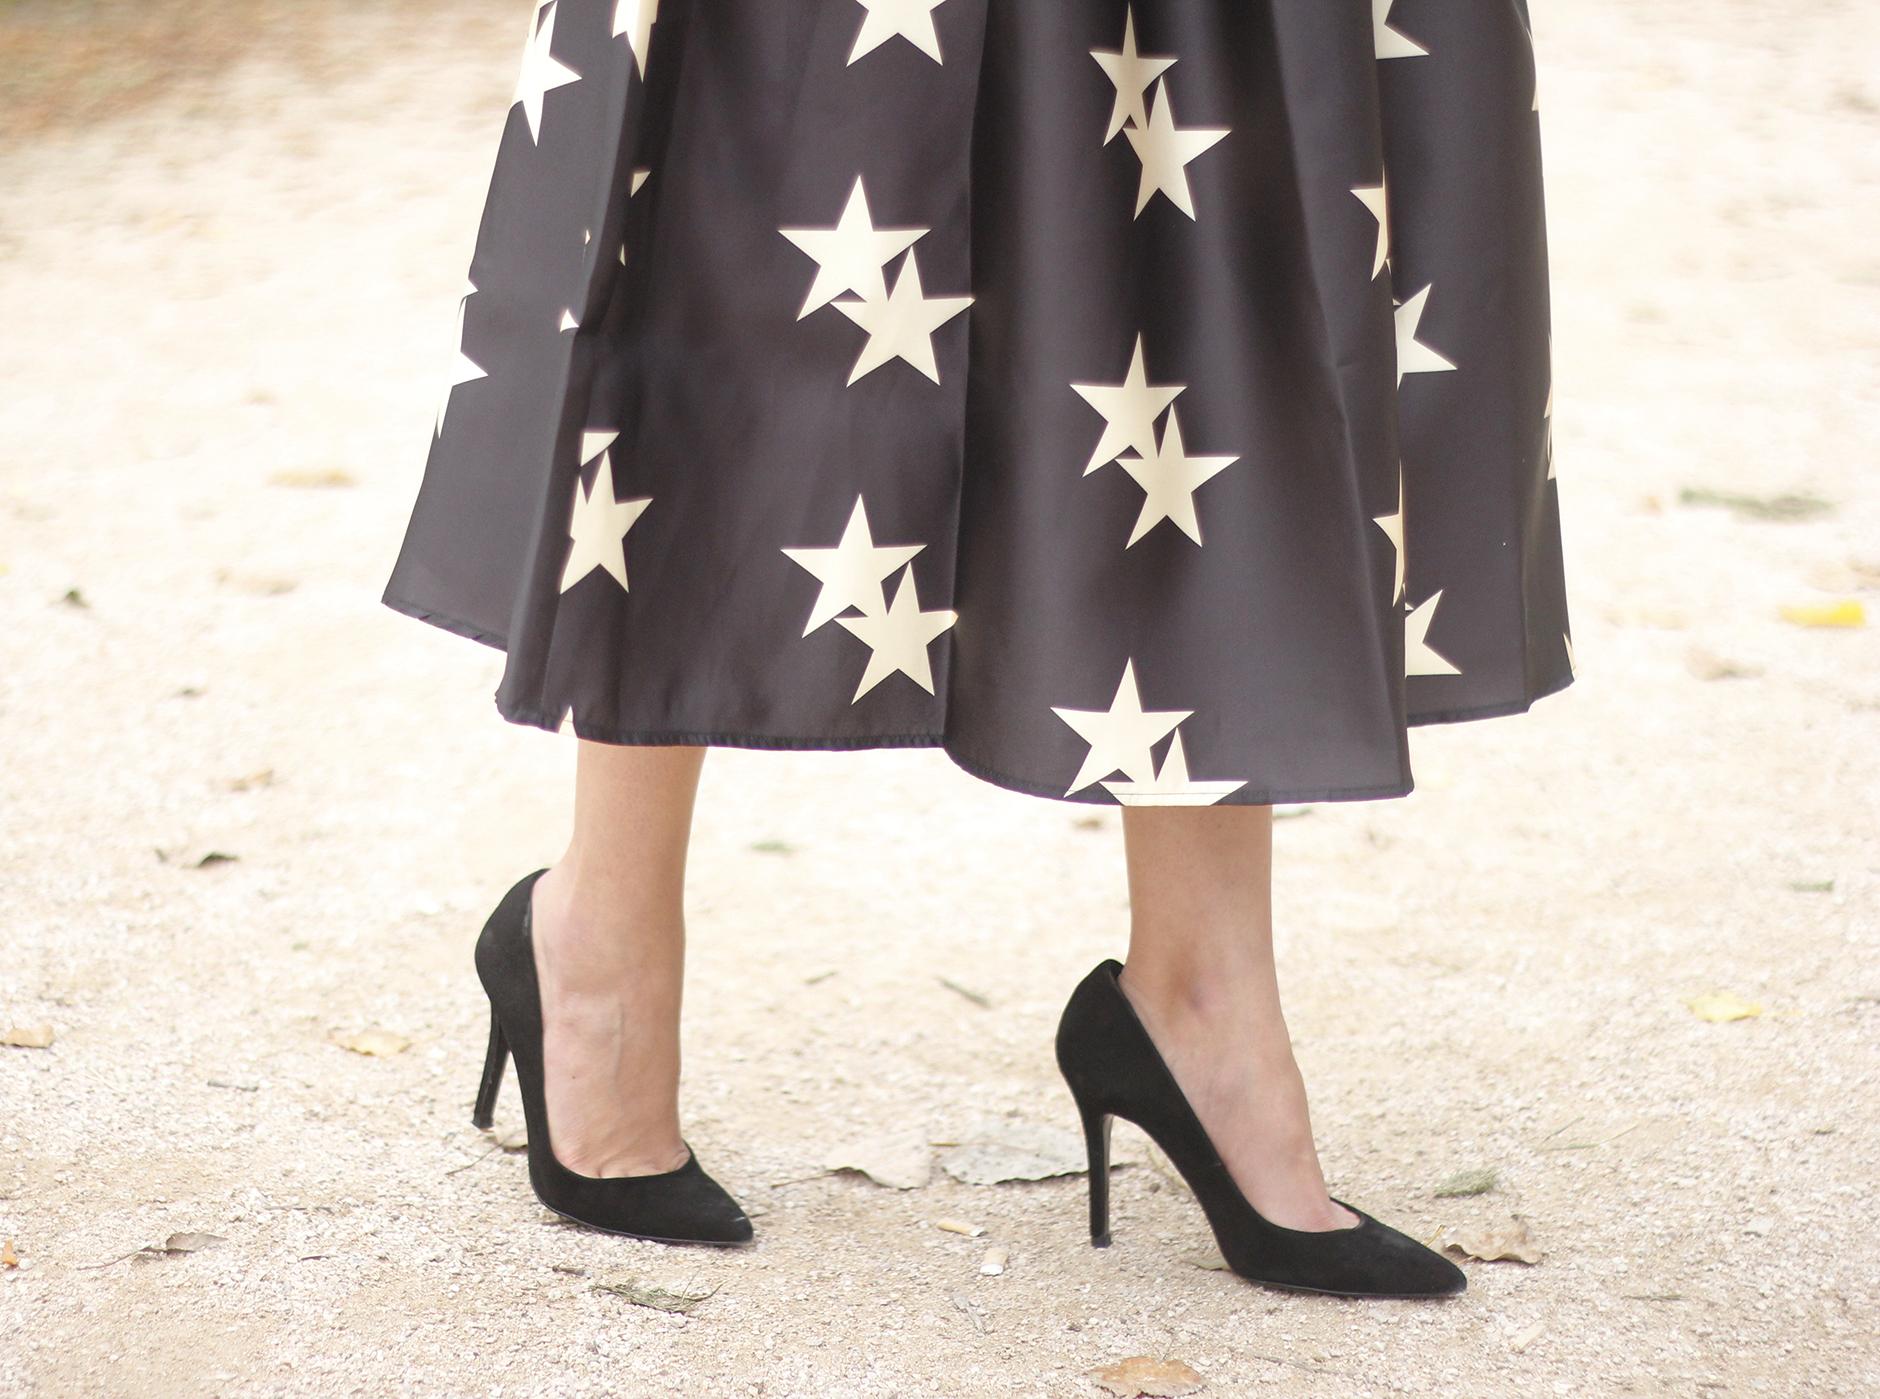 Star Print Dress sunnies heels outfit16